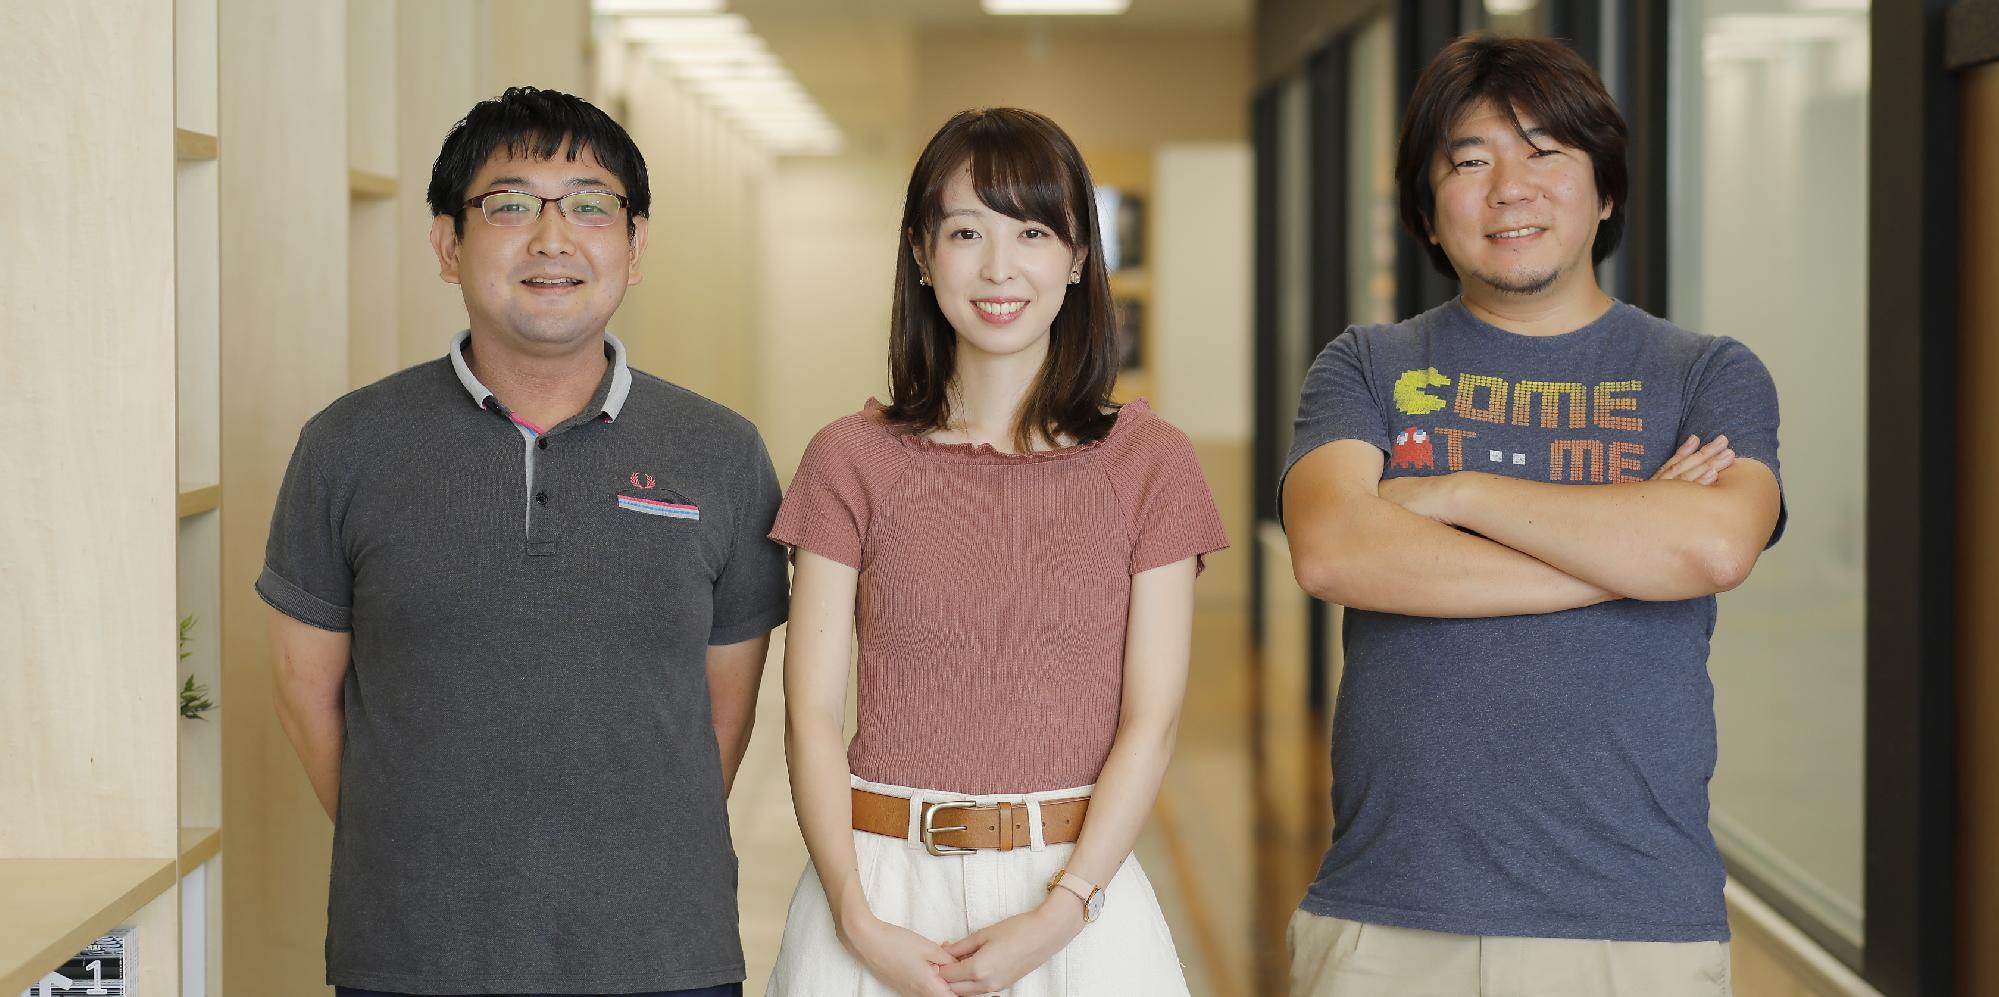 デザイナーの田部井伸弥、田代芳宏、大平端生が並んで立っている画像